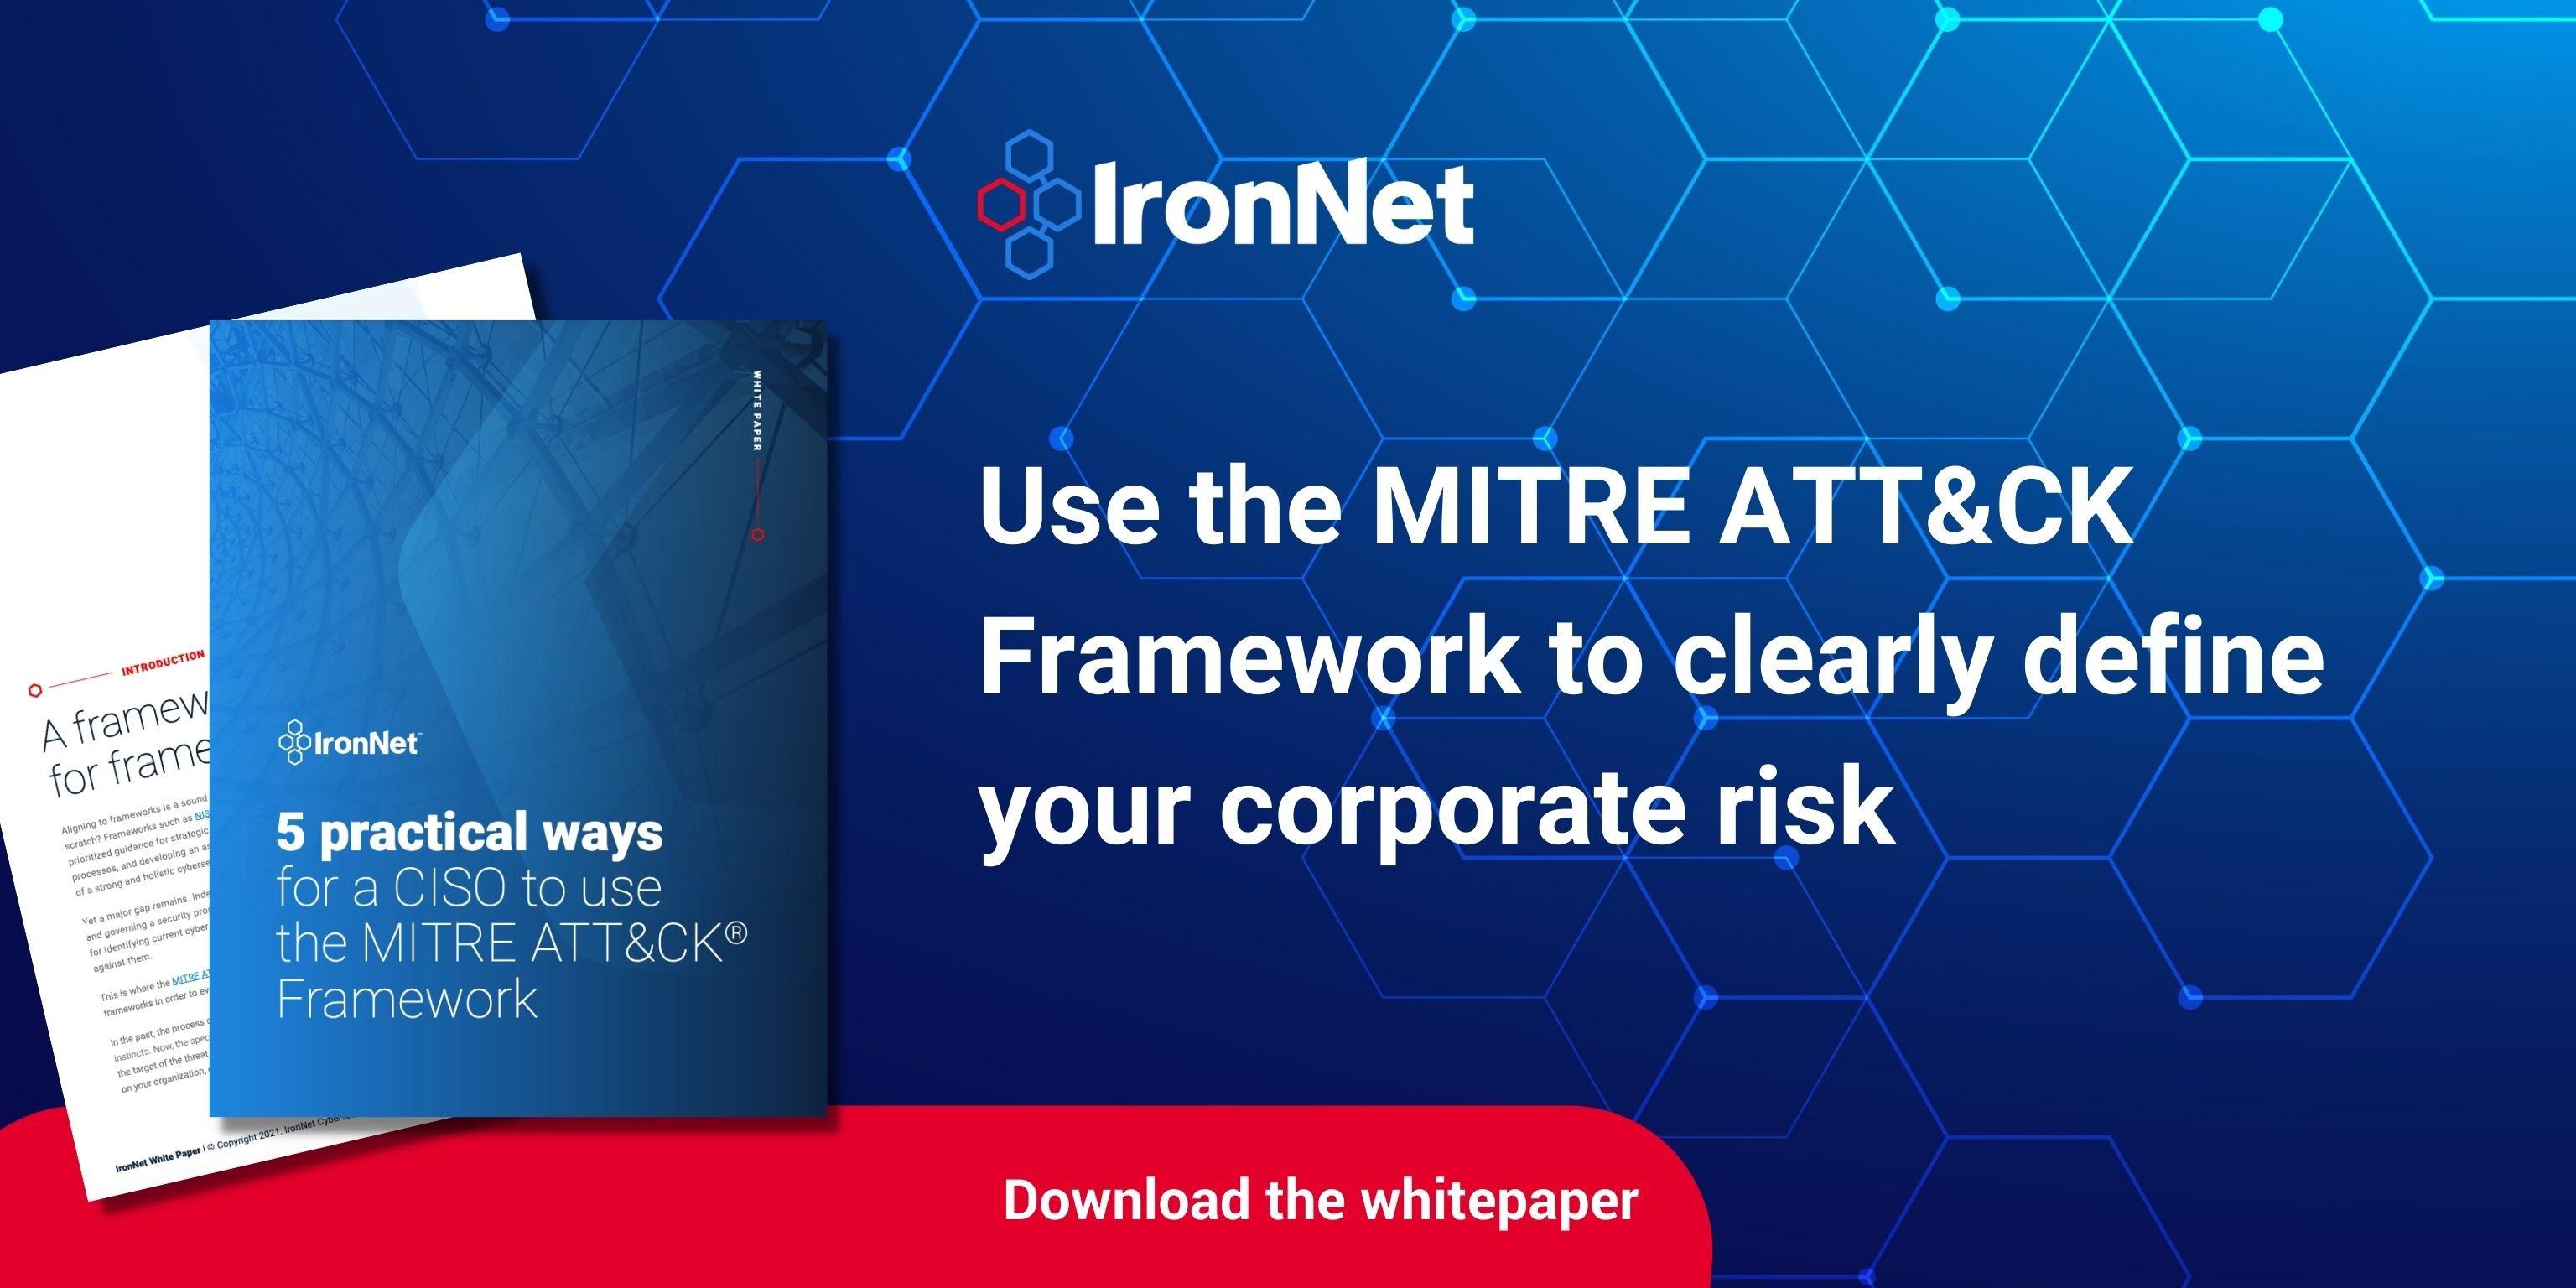 MITRE ATT&CK White paper